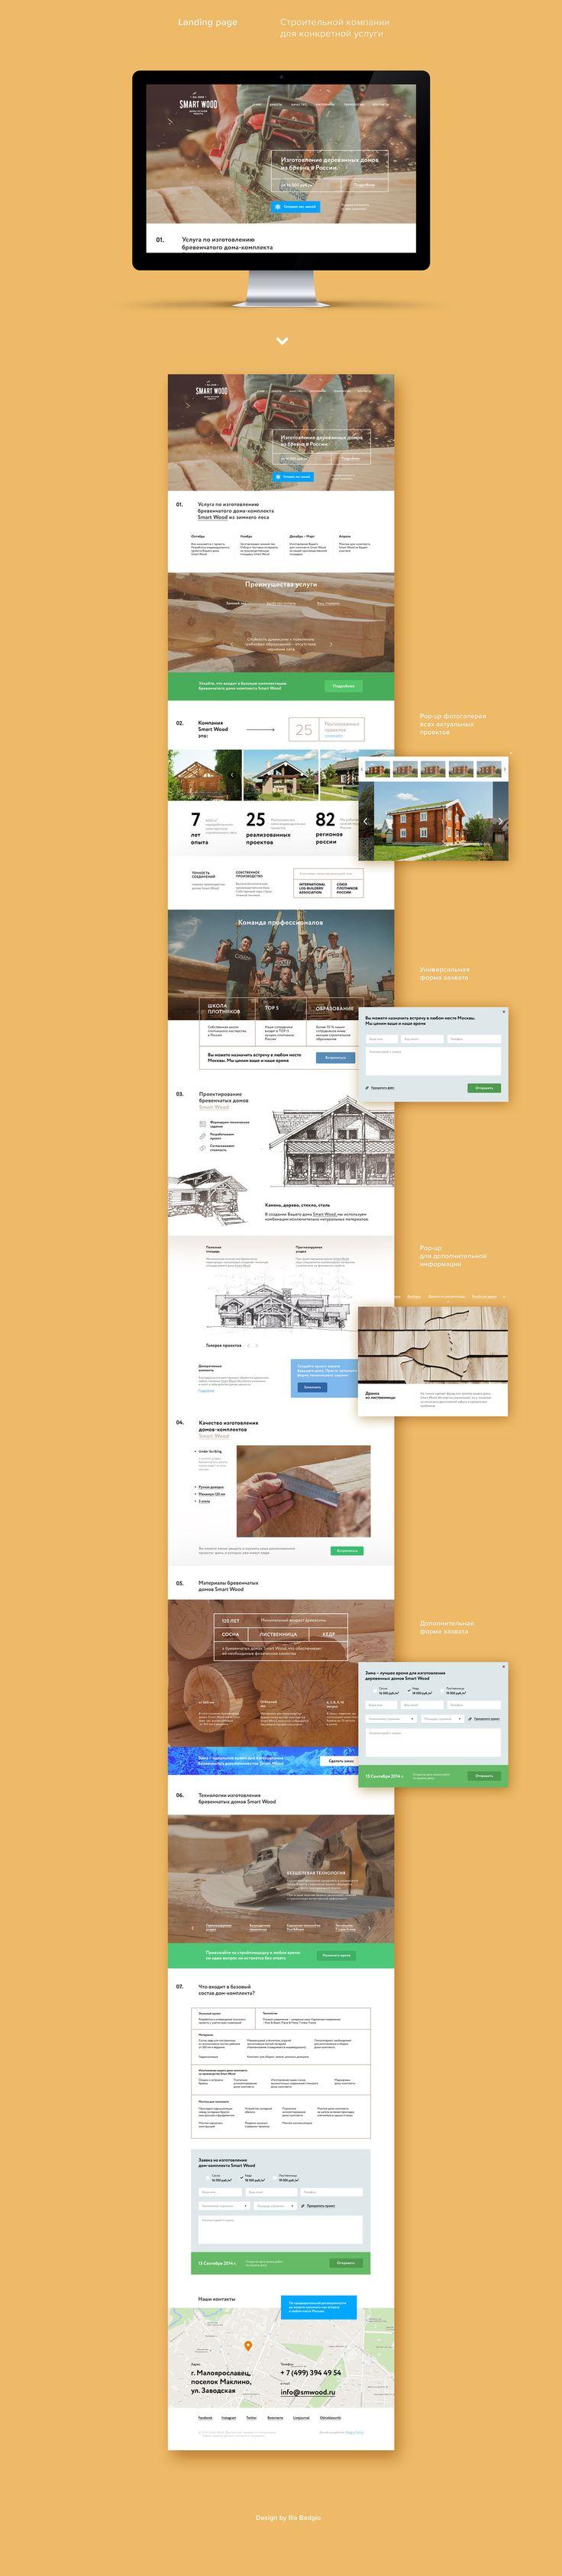 Для строительной компании был разработан Landing Page одной целевой услуги.   Работы которые проводились  по данному проекта   – Протипирование  – Дизайн  – Верстка  – Интекрация и тестирование  – Артдирекшен всех этапов   Дизайнер и Арт-директор проекта Ilia Badgio